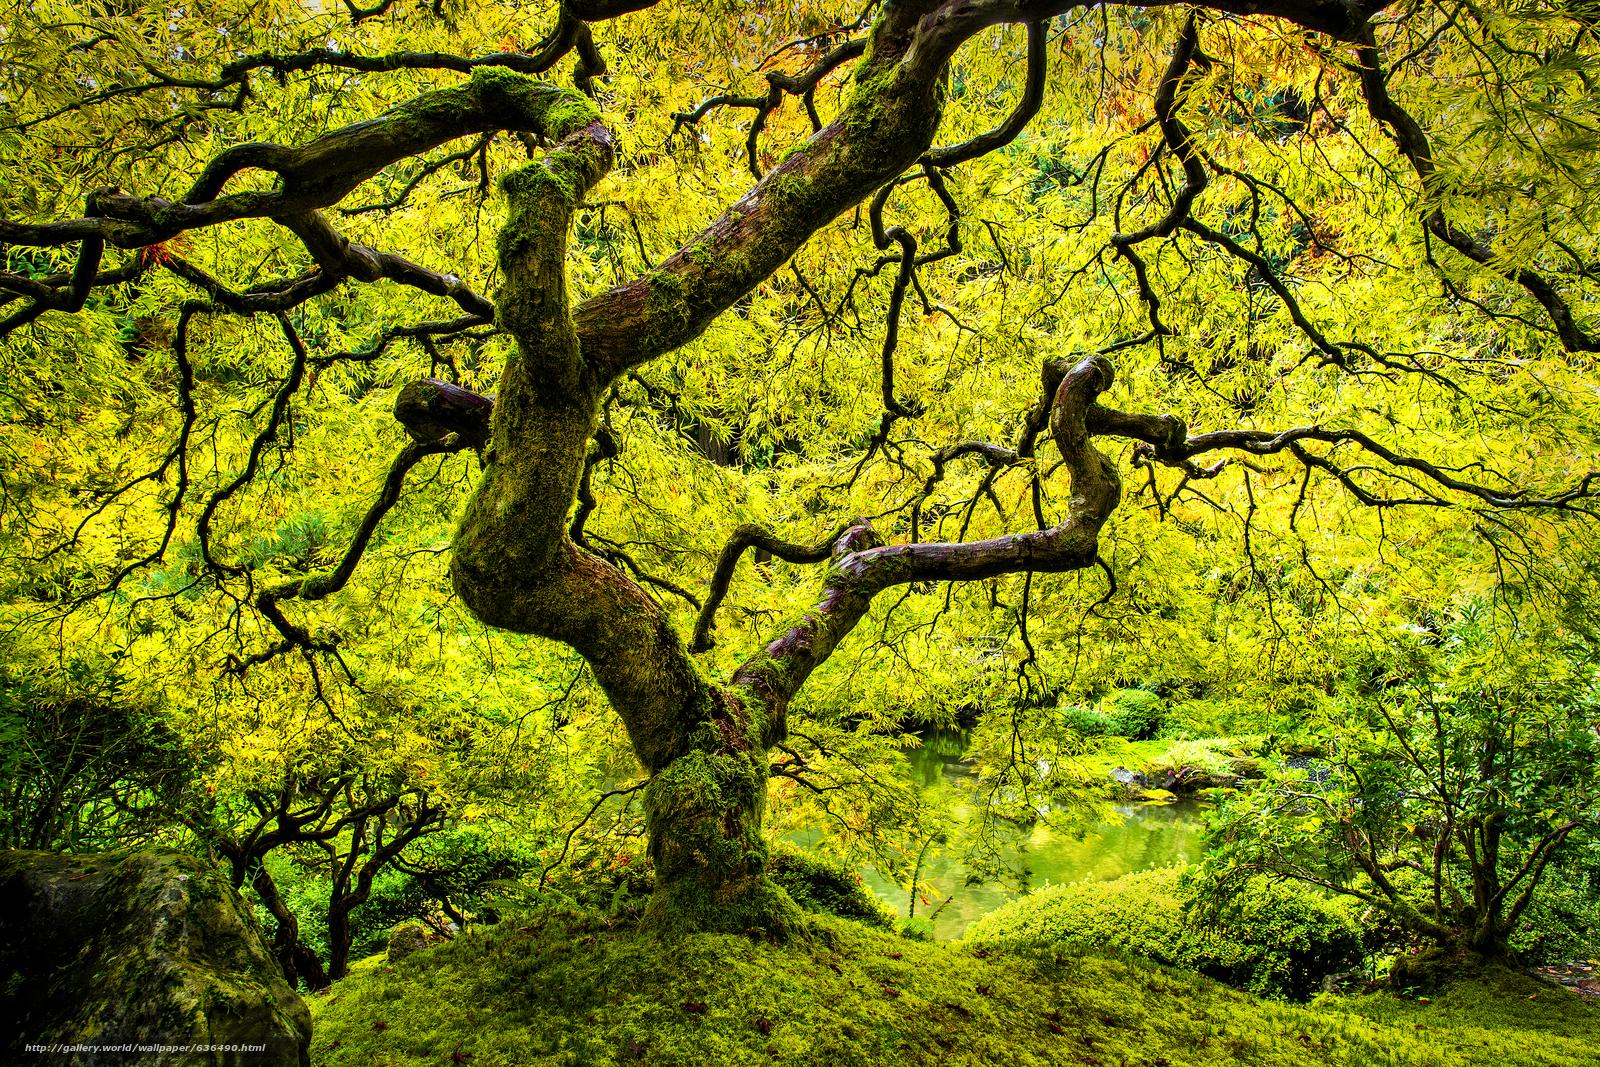 壁紙をダウンロード 日本庭園,  ツリー,  秋,  自然 デスクトップの解像度のための無料壁紙 4608x3072 — 絵 №636490